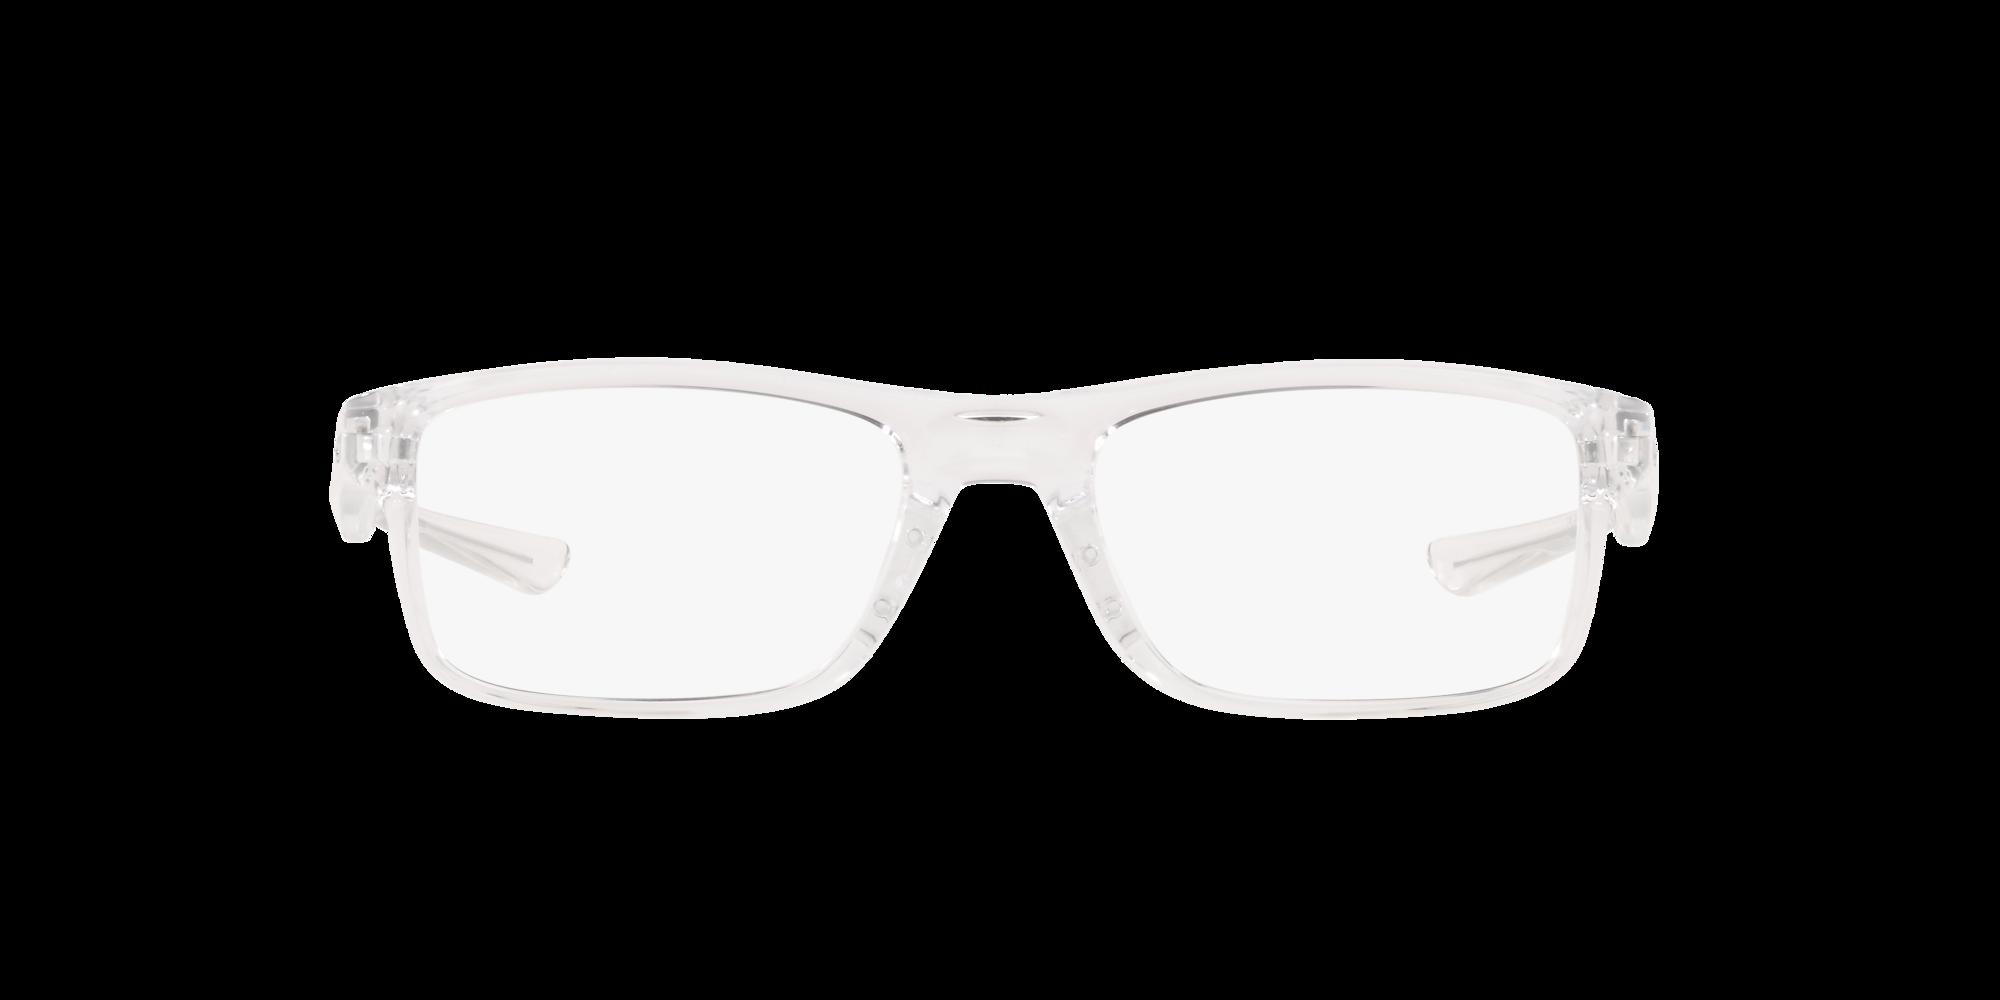 Imagen para PLANK 2.0 de LensCrafters    Espejuelos, espejuelos graduados en línea, gafas